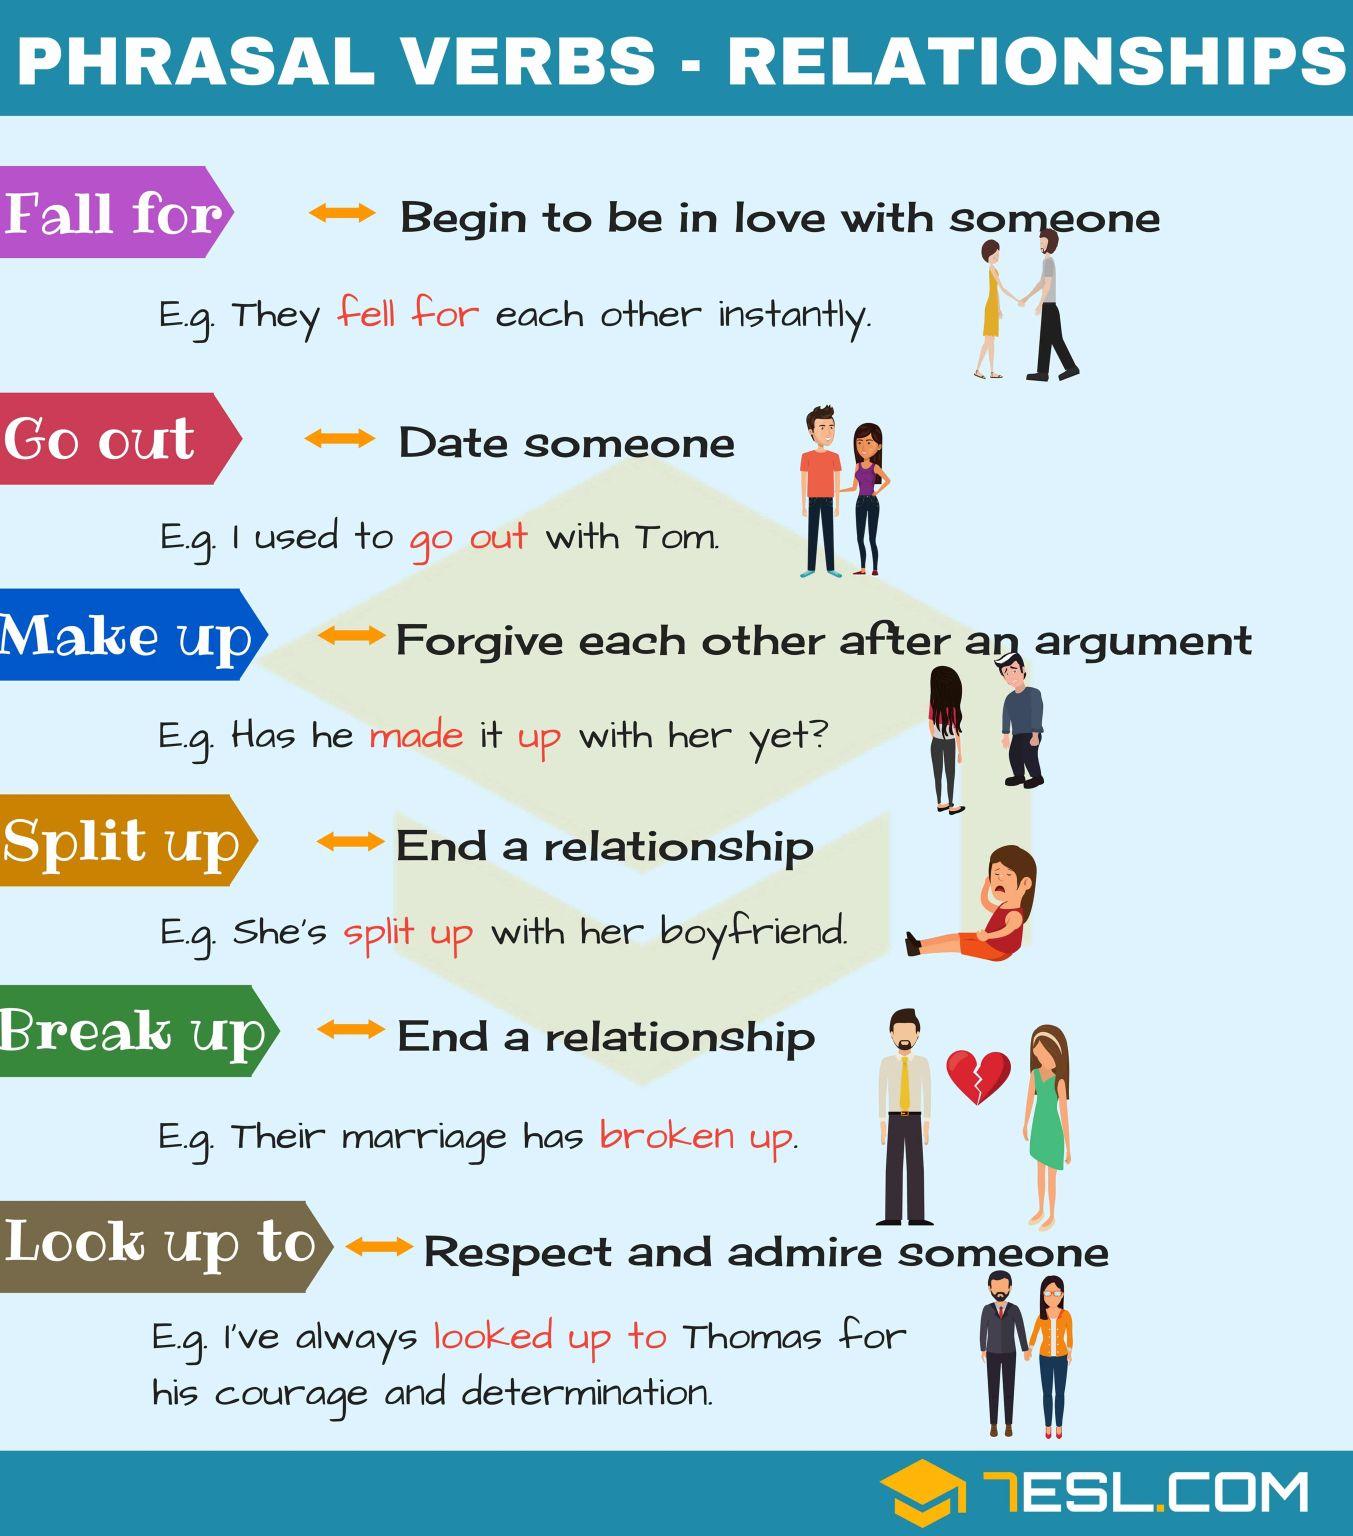 Phrasal Verbs Relationships